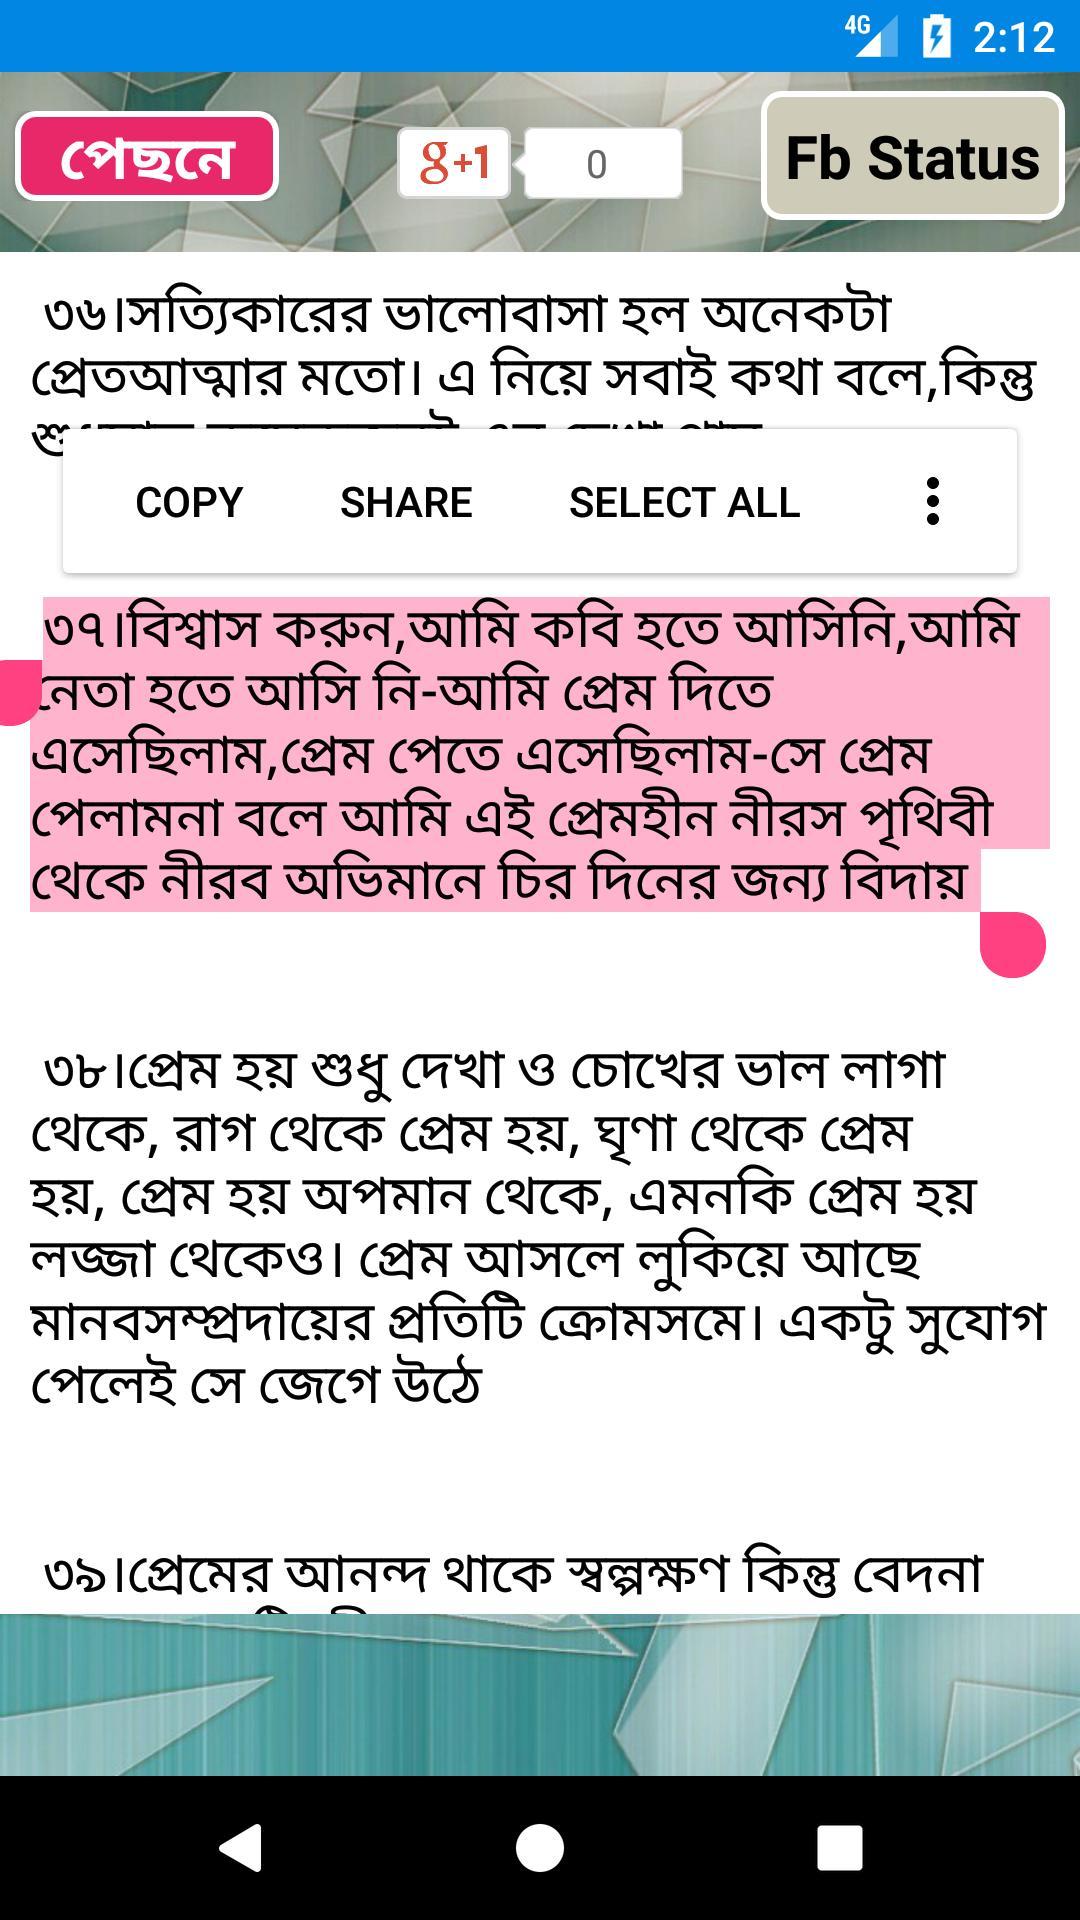 ফেসবুক best fb status quote bangla english for Android